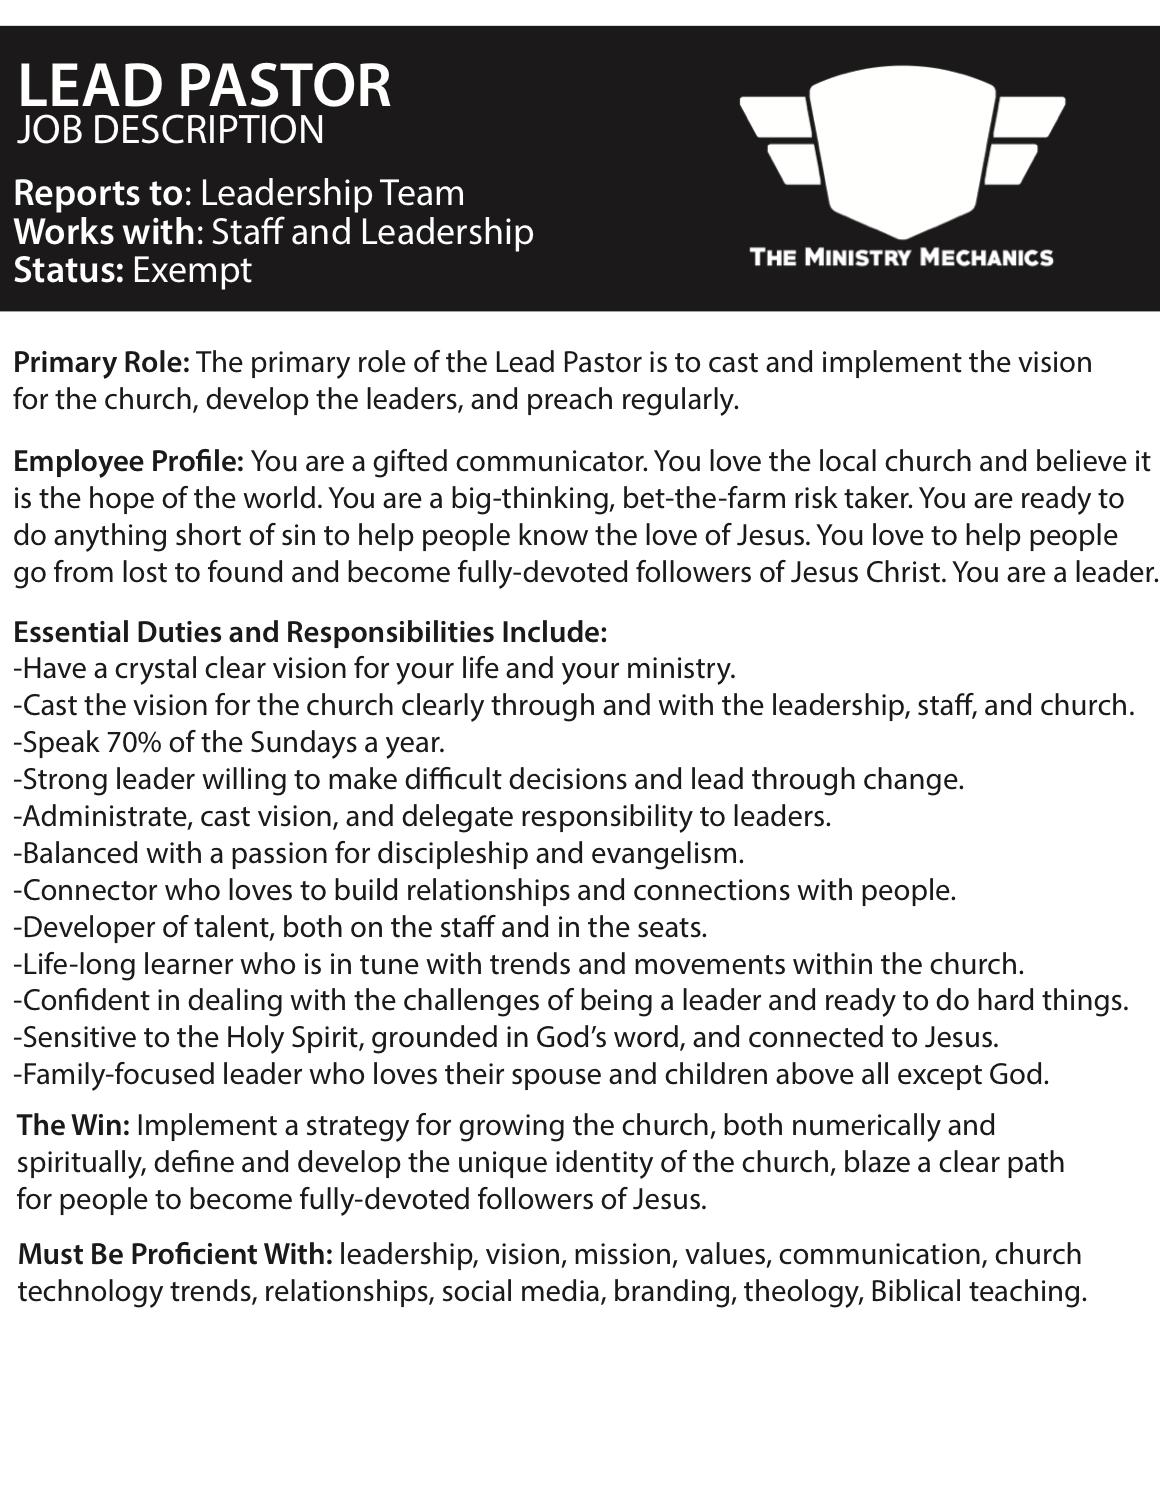 BHM Church Planter Job Description.png